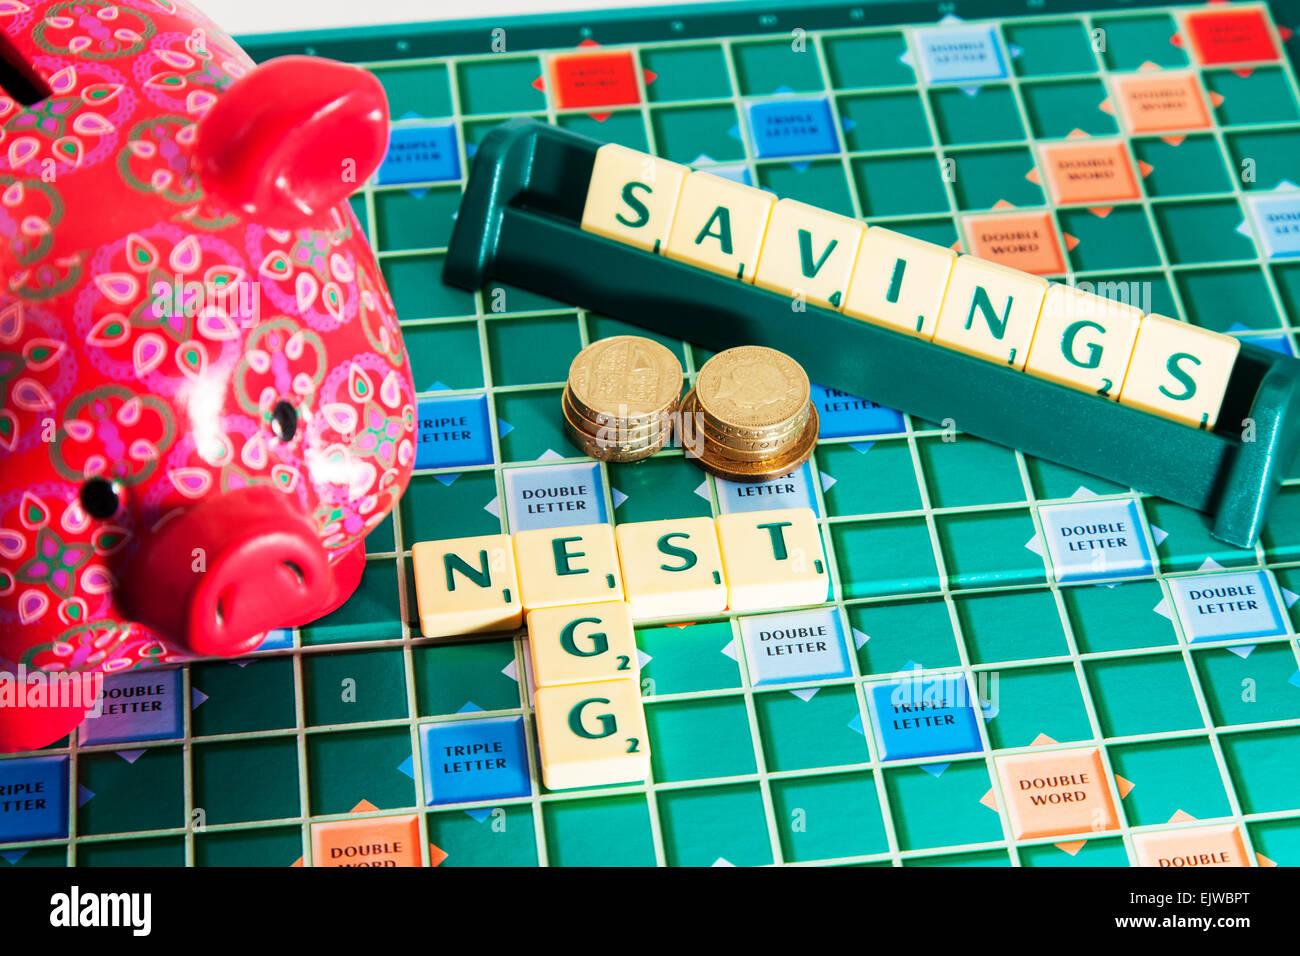 Salvadanaio nest egg risparmio pensione denaro futuro per risparmiare denaro le parole usando piastrelle scrabble Immagini Stock